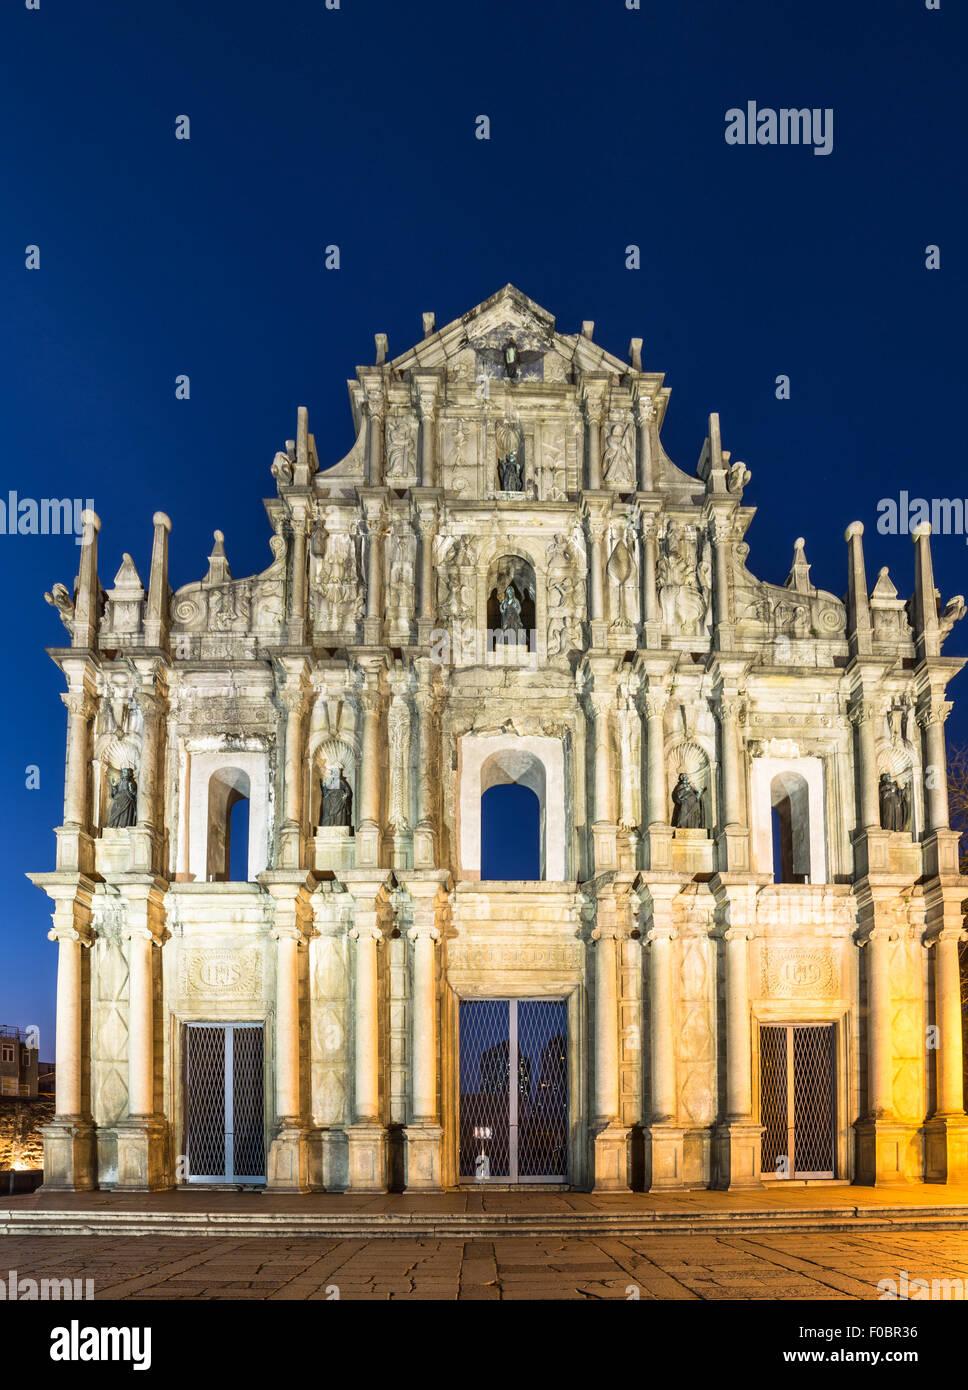 Las ruinas de la iglesia de San Pablo, que consiste sólo en su fachada principal, en Macao son uno de los principales Imagen De Stock